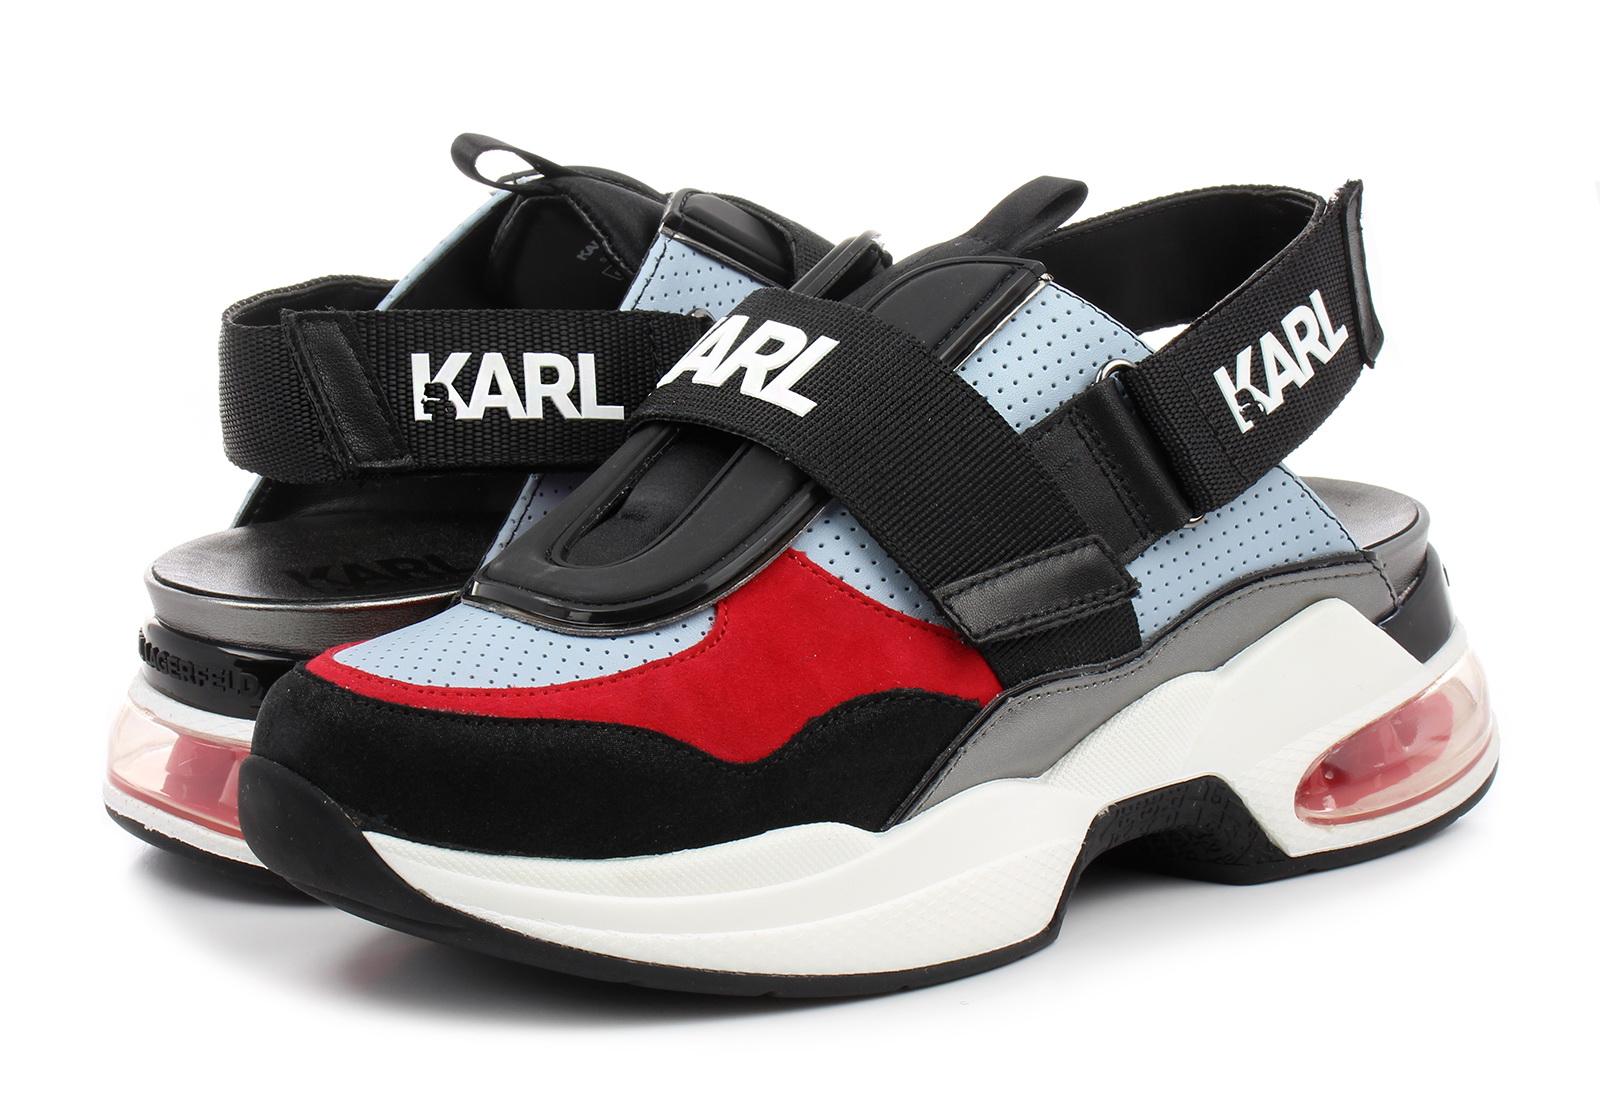 Karl Lagerfeld Shoes Ventura Shuttle